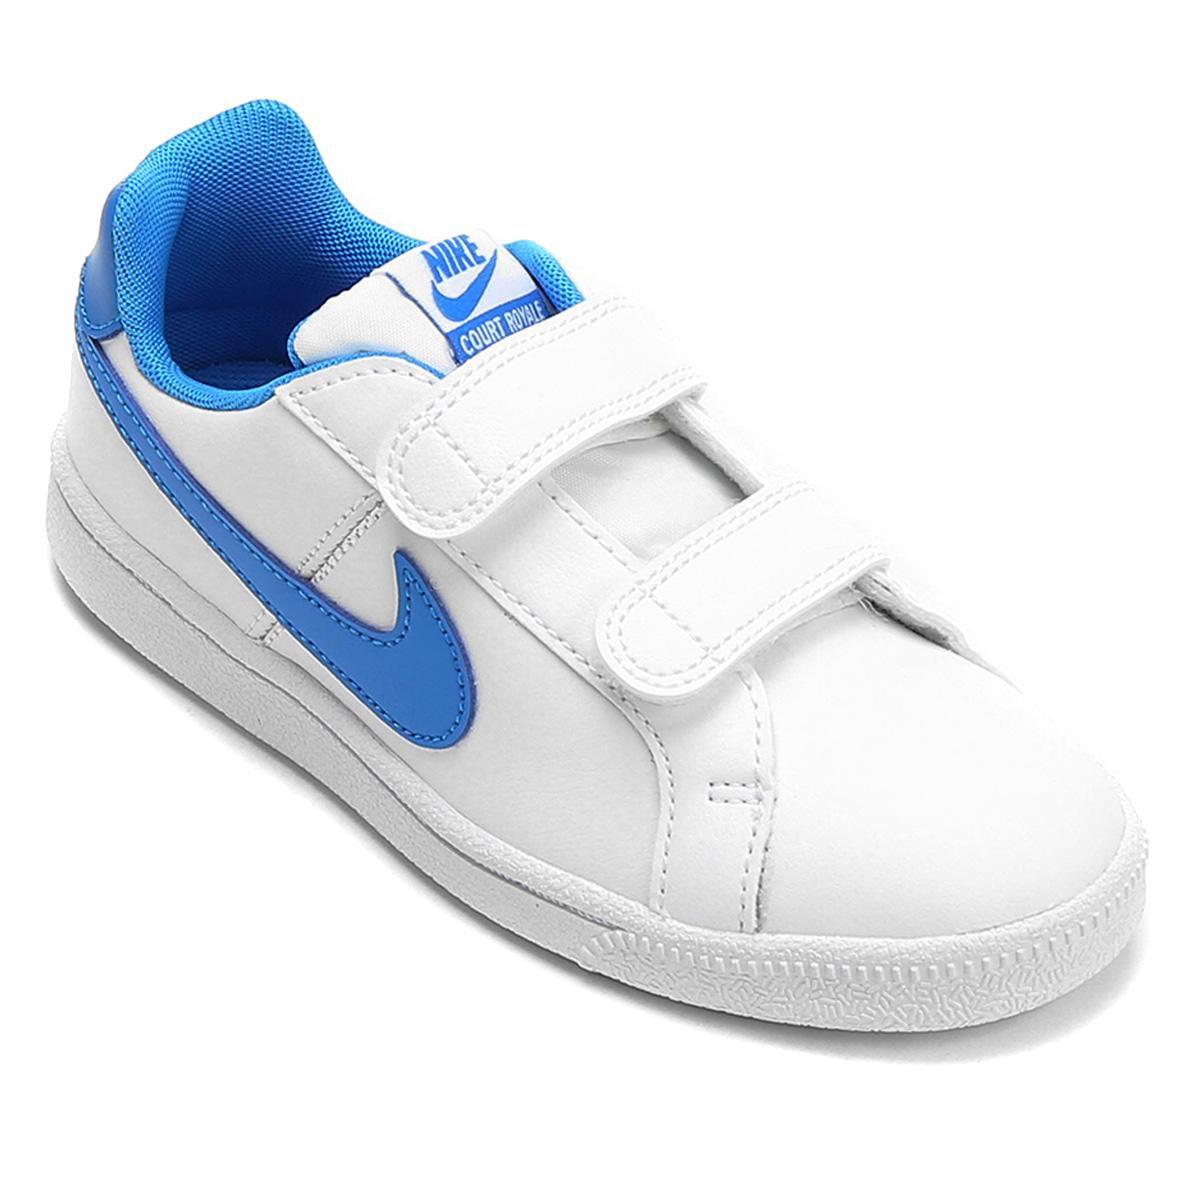 3ed9a129dcb Tênis Nike Court Royale Infantil - Branco e Azul - Compre Agora ...